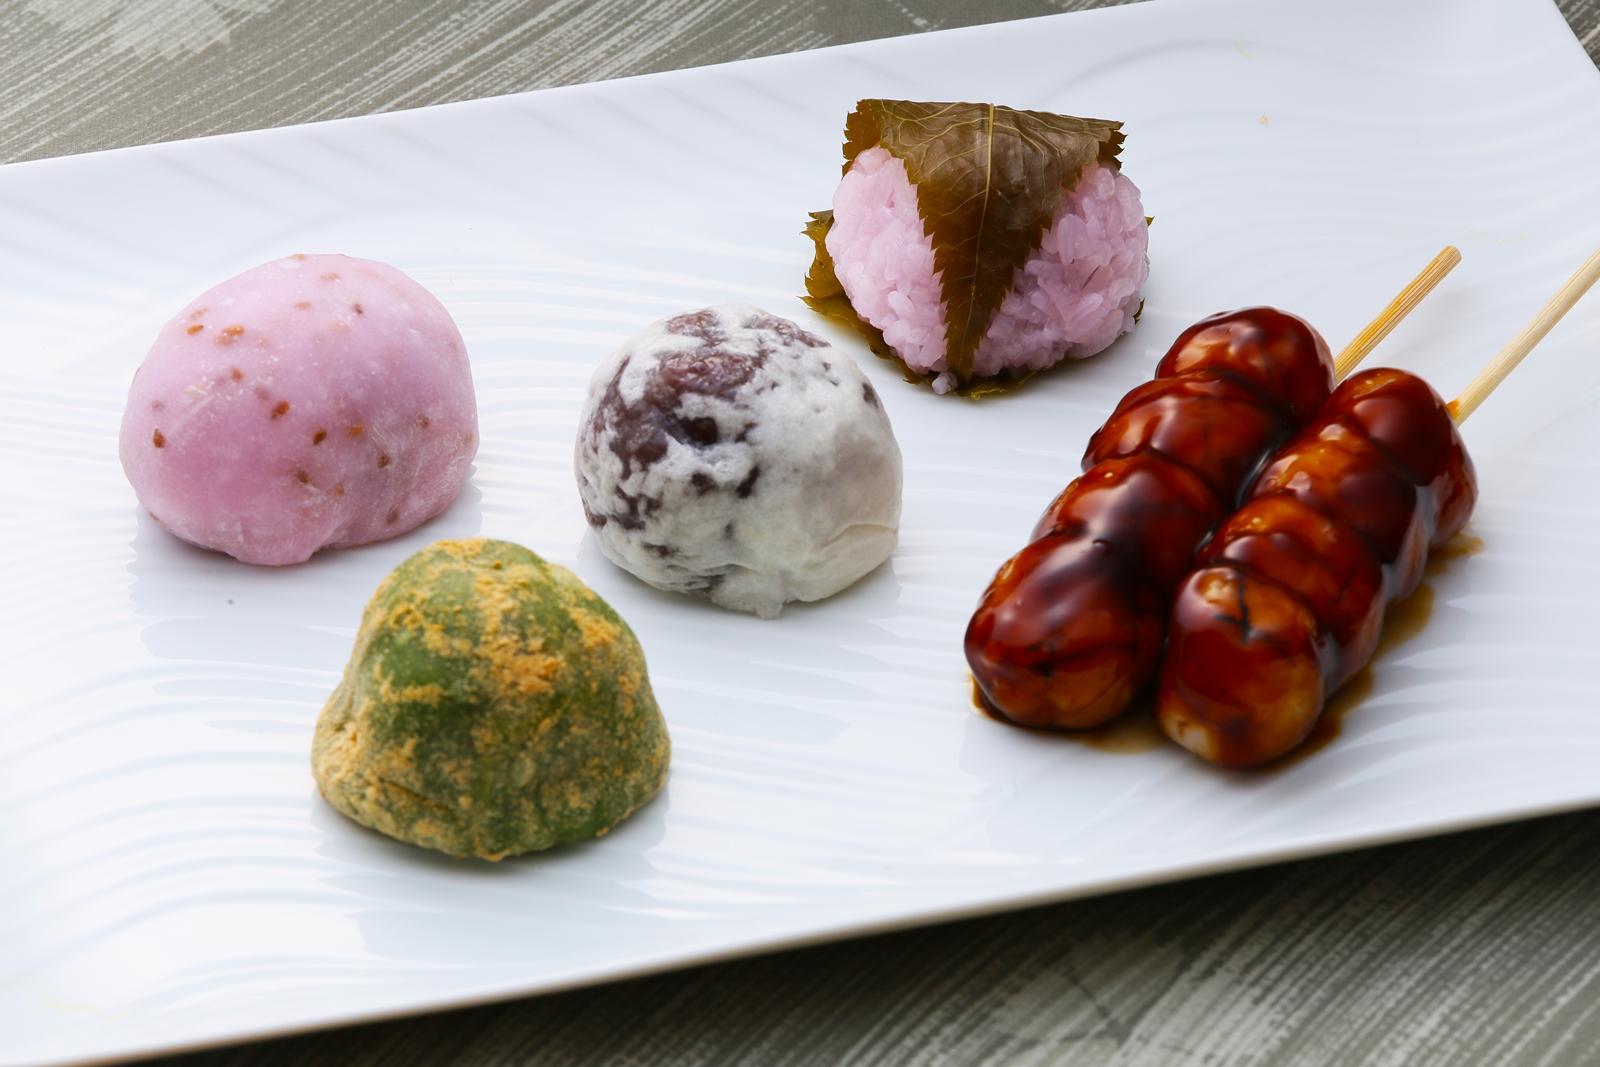 「朝生菓子」の画像検索結果